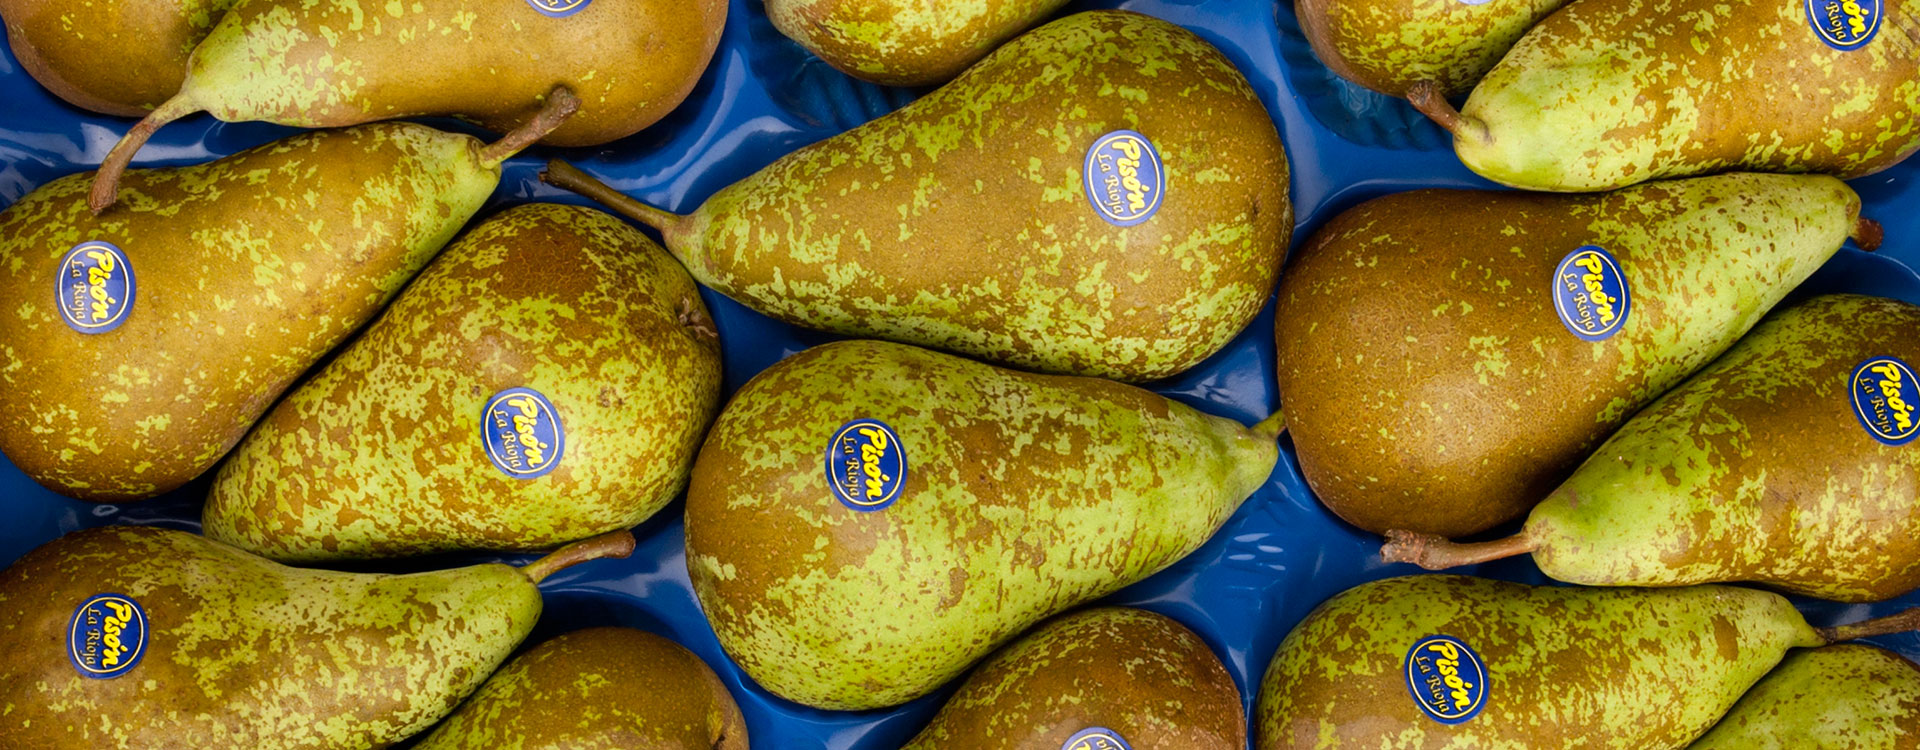 Frutas Pisón